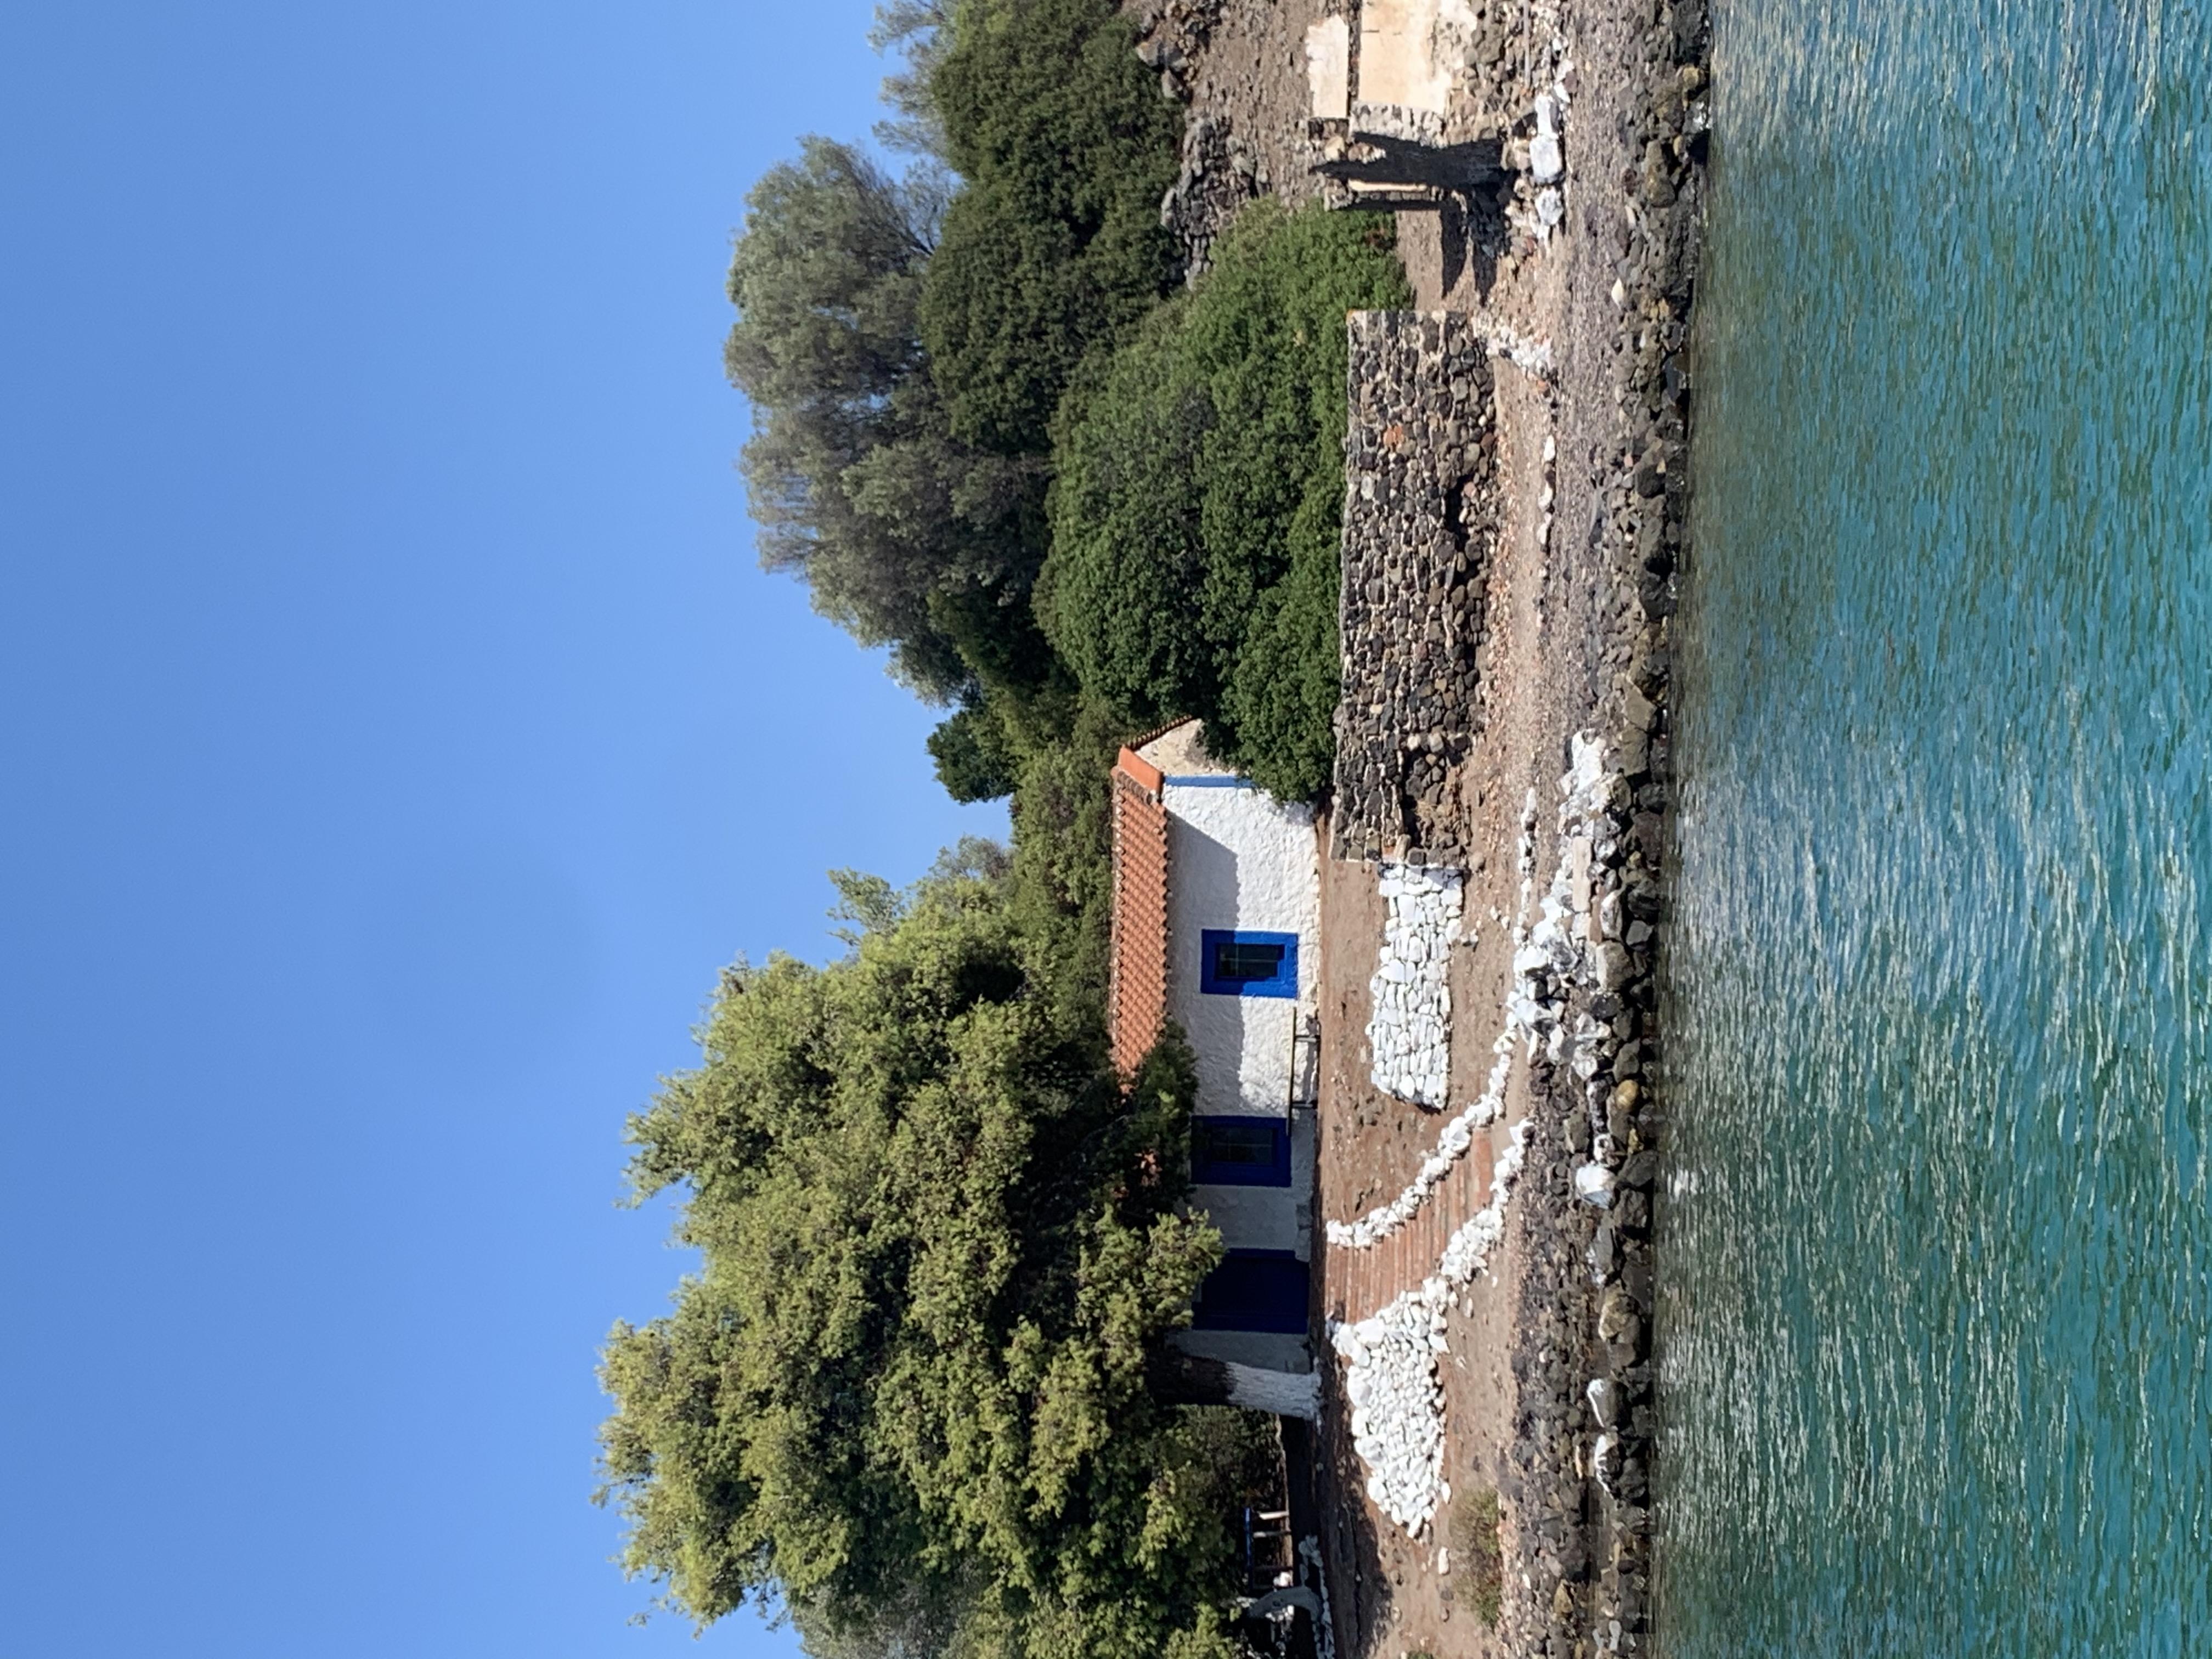 τουριστικό γραφείο Μαυρογιάννης Λιχαδονήσια